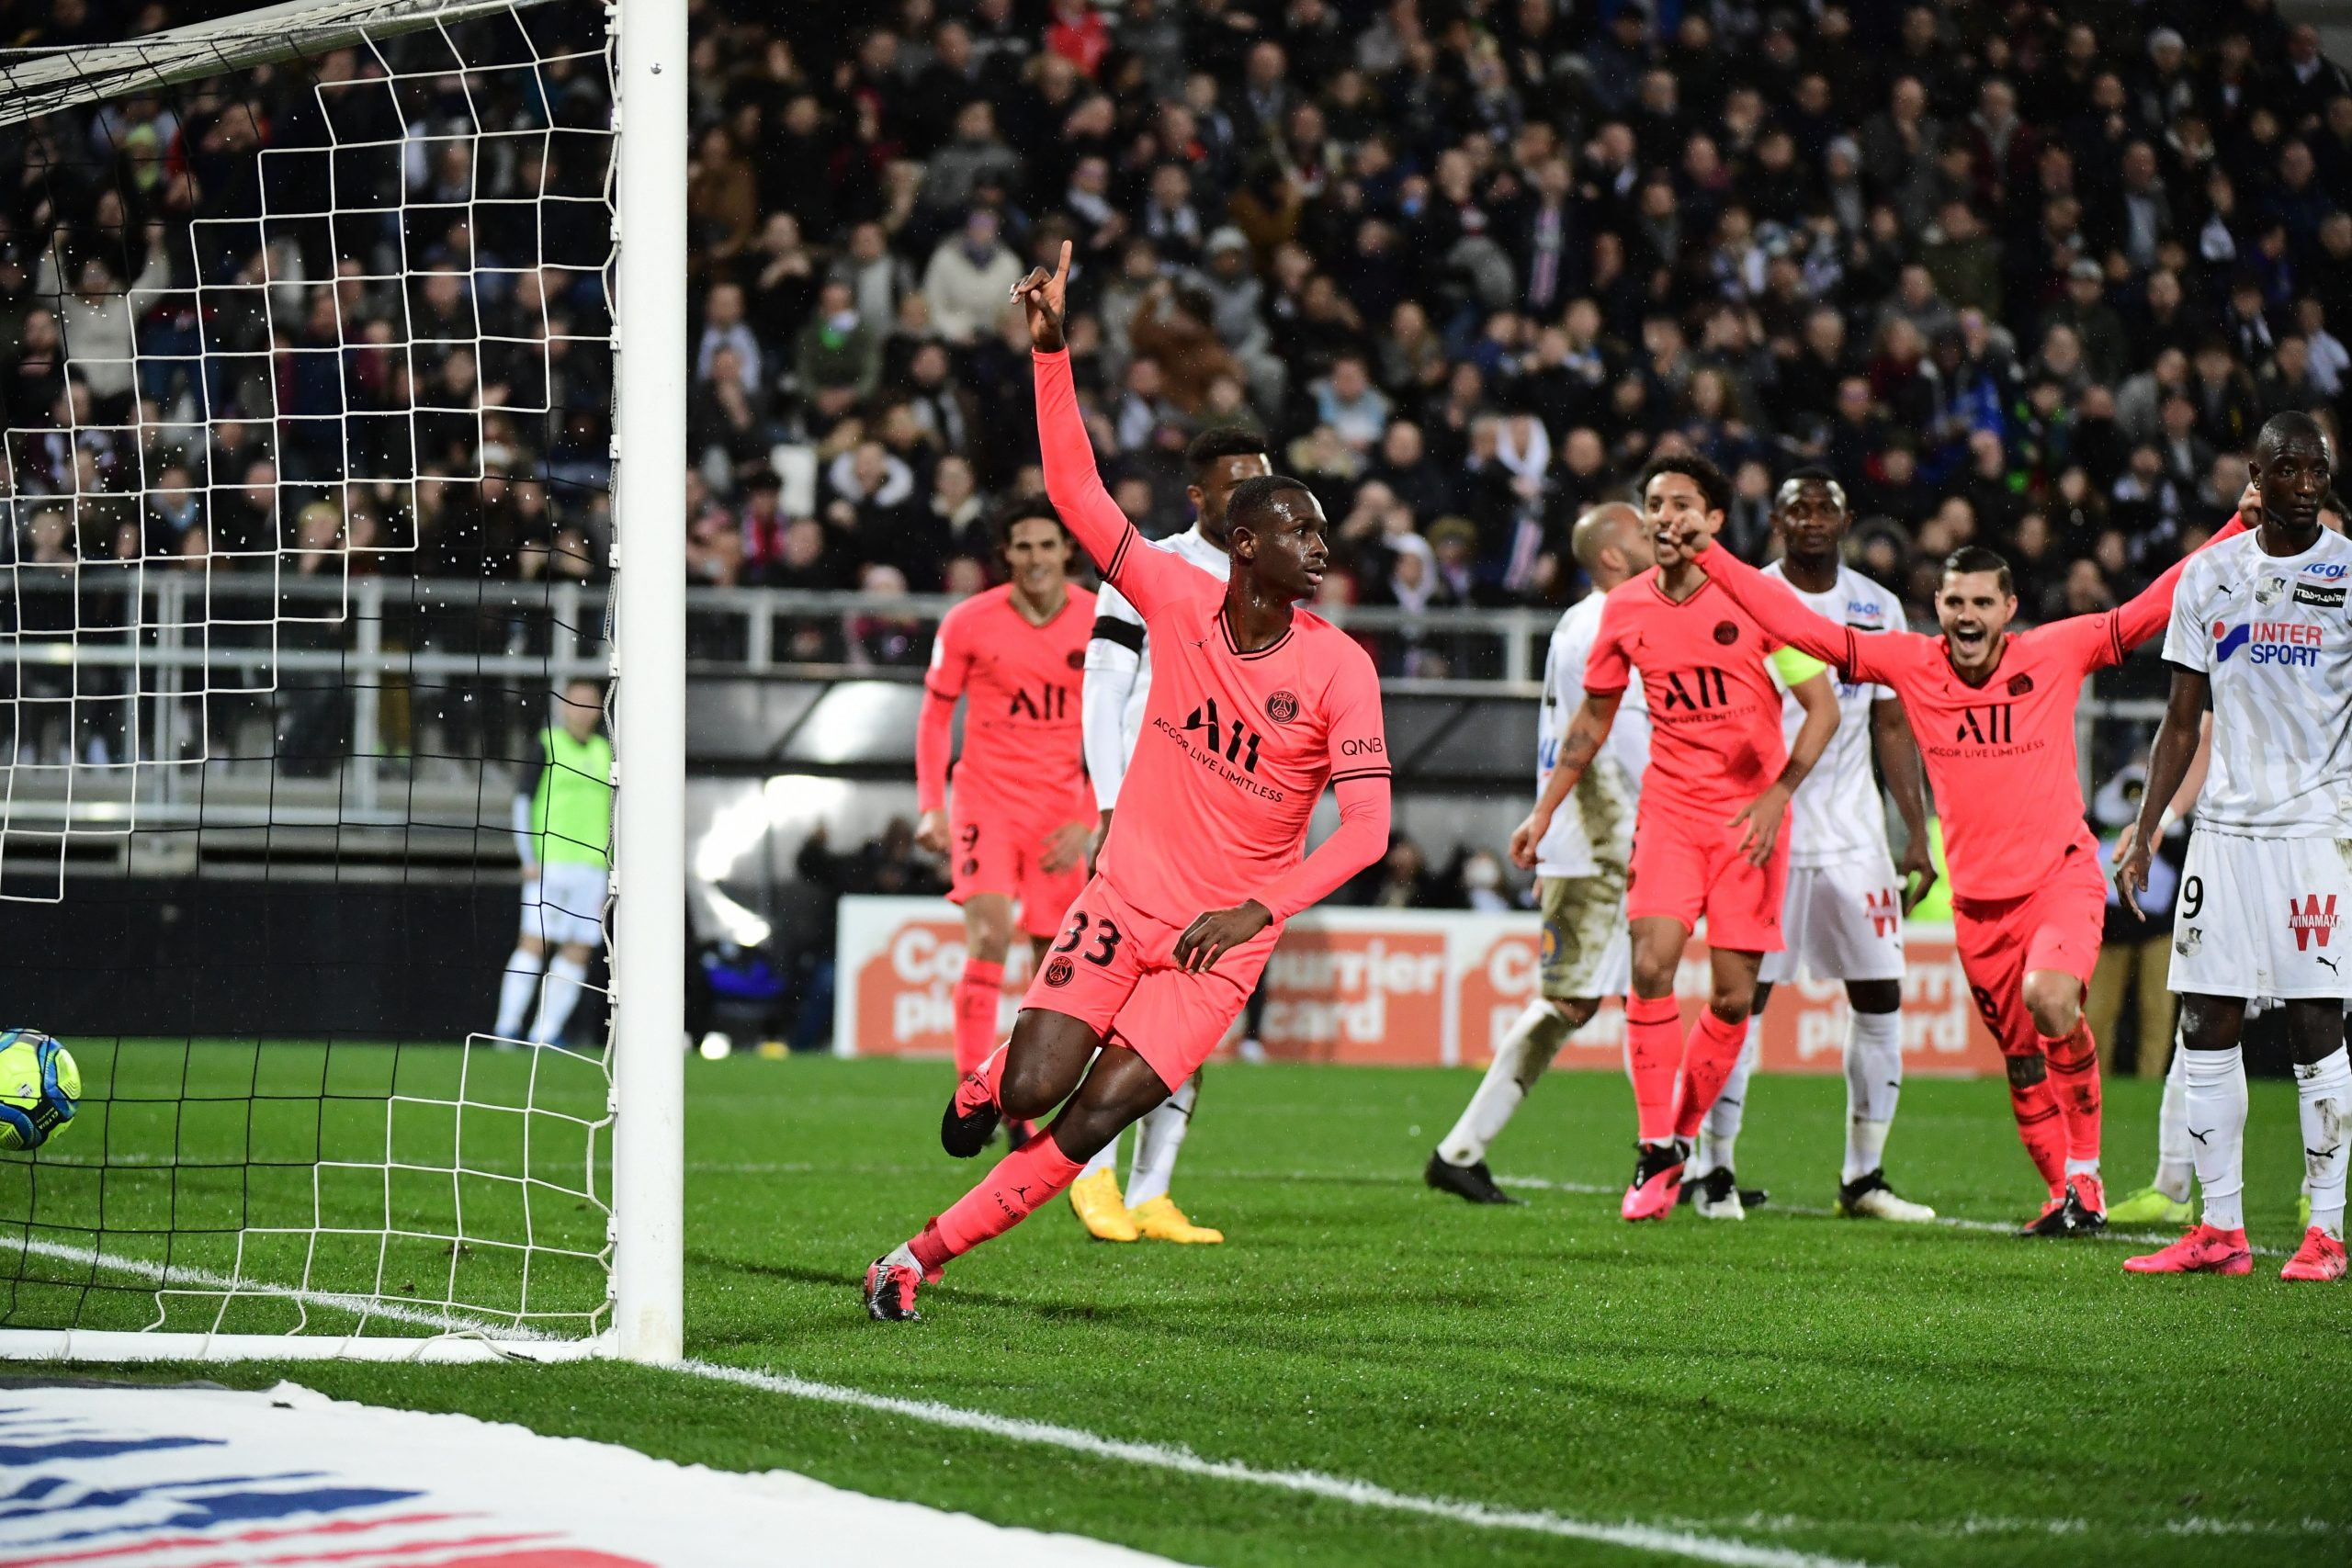 Mercato - Le Bayern Munich n'a pas voulu confirmer l'arrivée de Kouassi